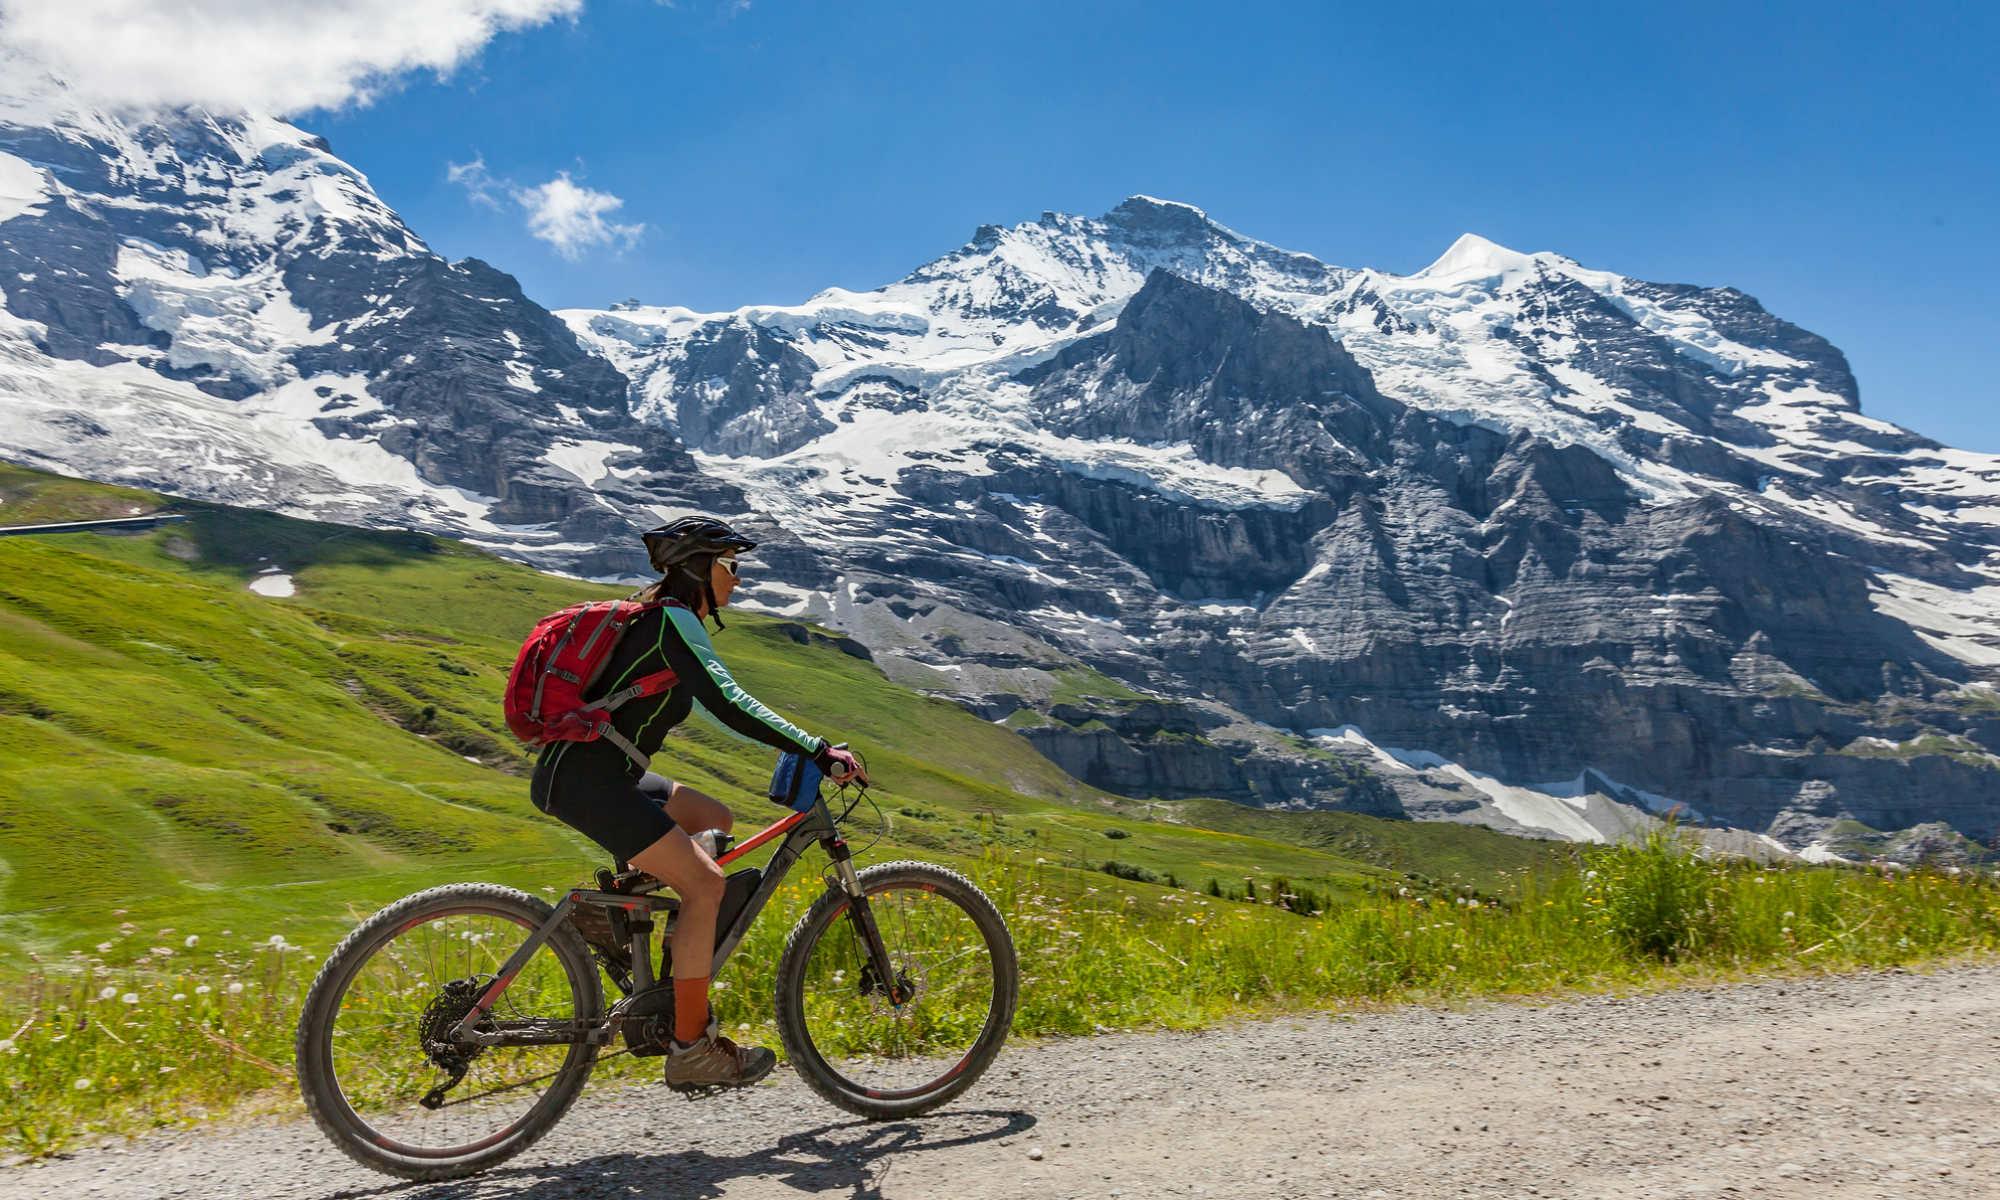 Een fietser rijdt op een mountainbike in de bergen.